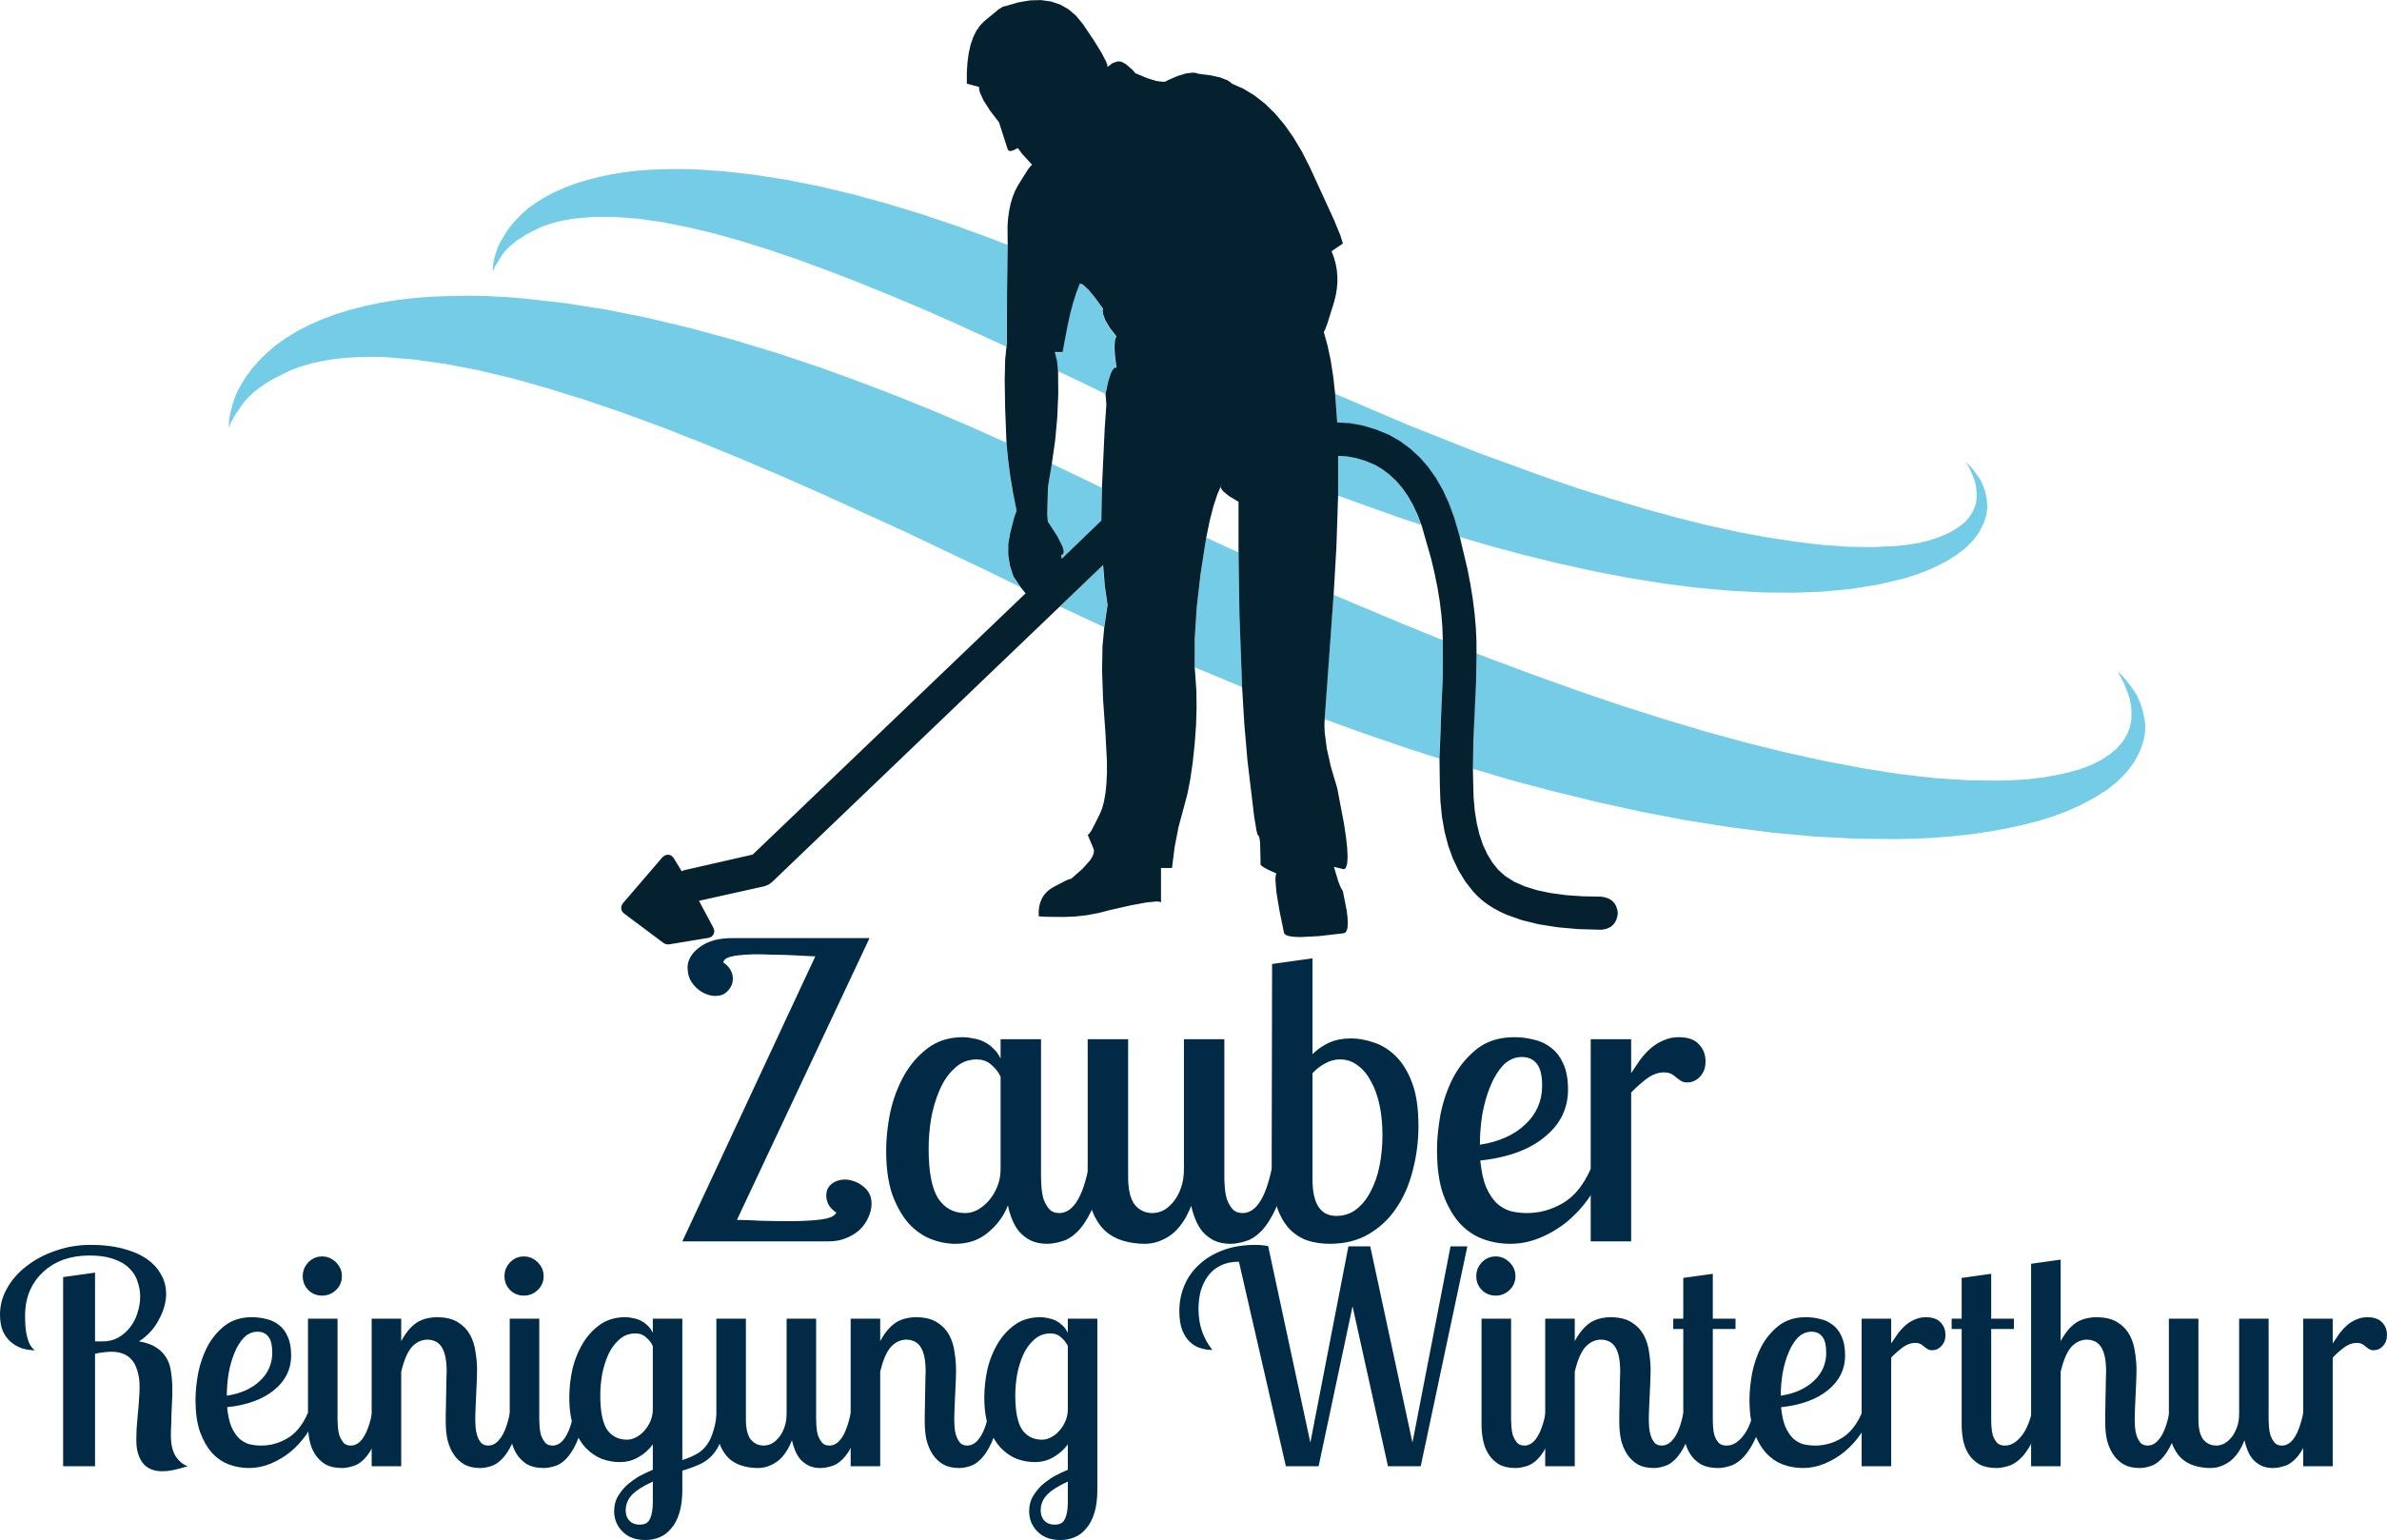 Umzugsreinigung Winterthur und Umgebung Ihre Umzugsreinigung Winterthur